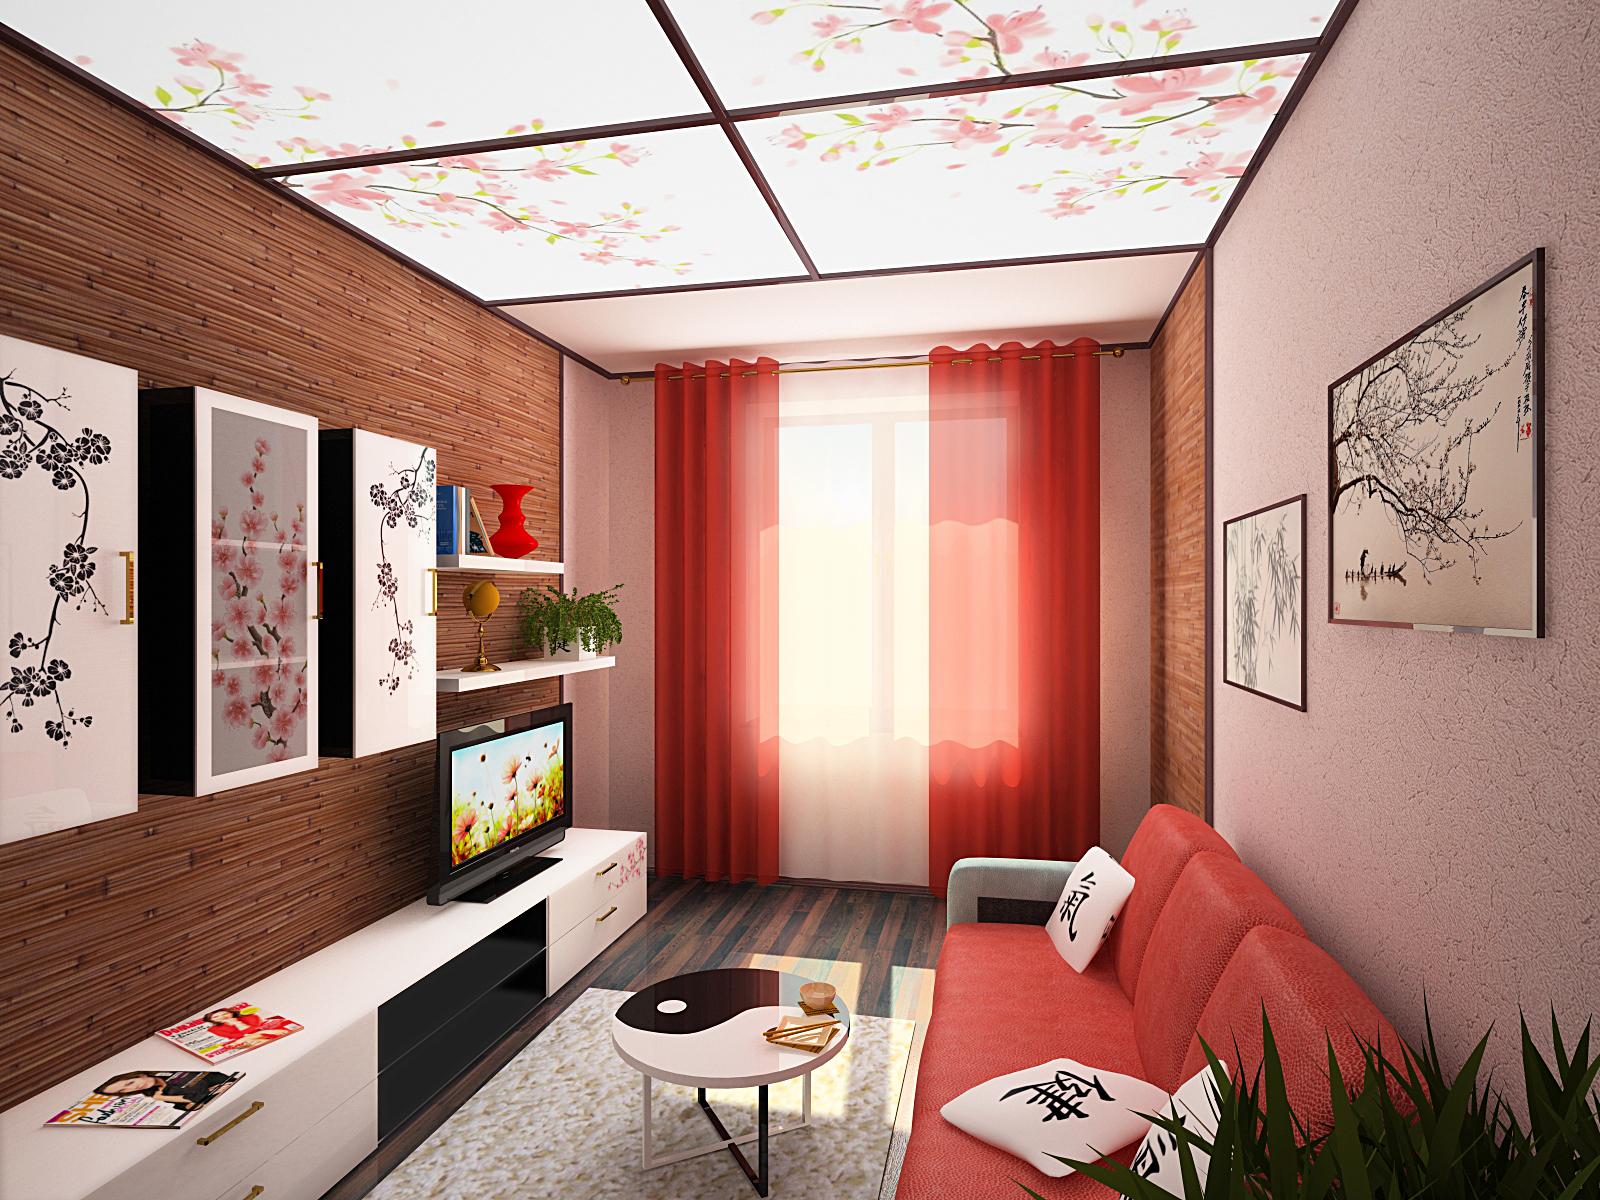 пошить фото квартир с японским дизайном понаслышке знал